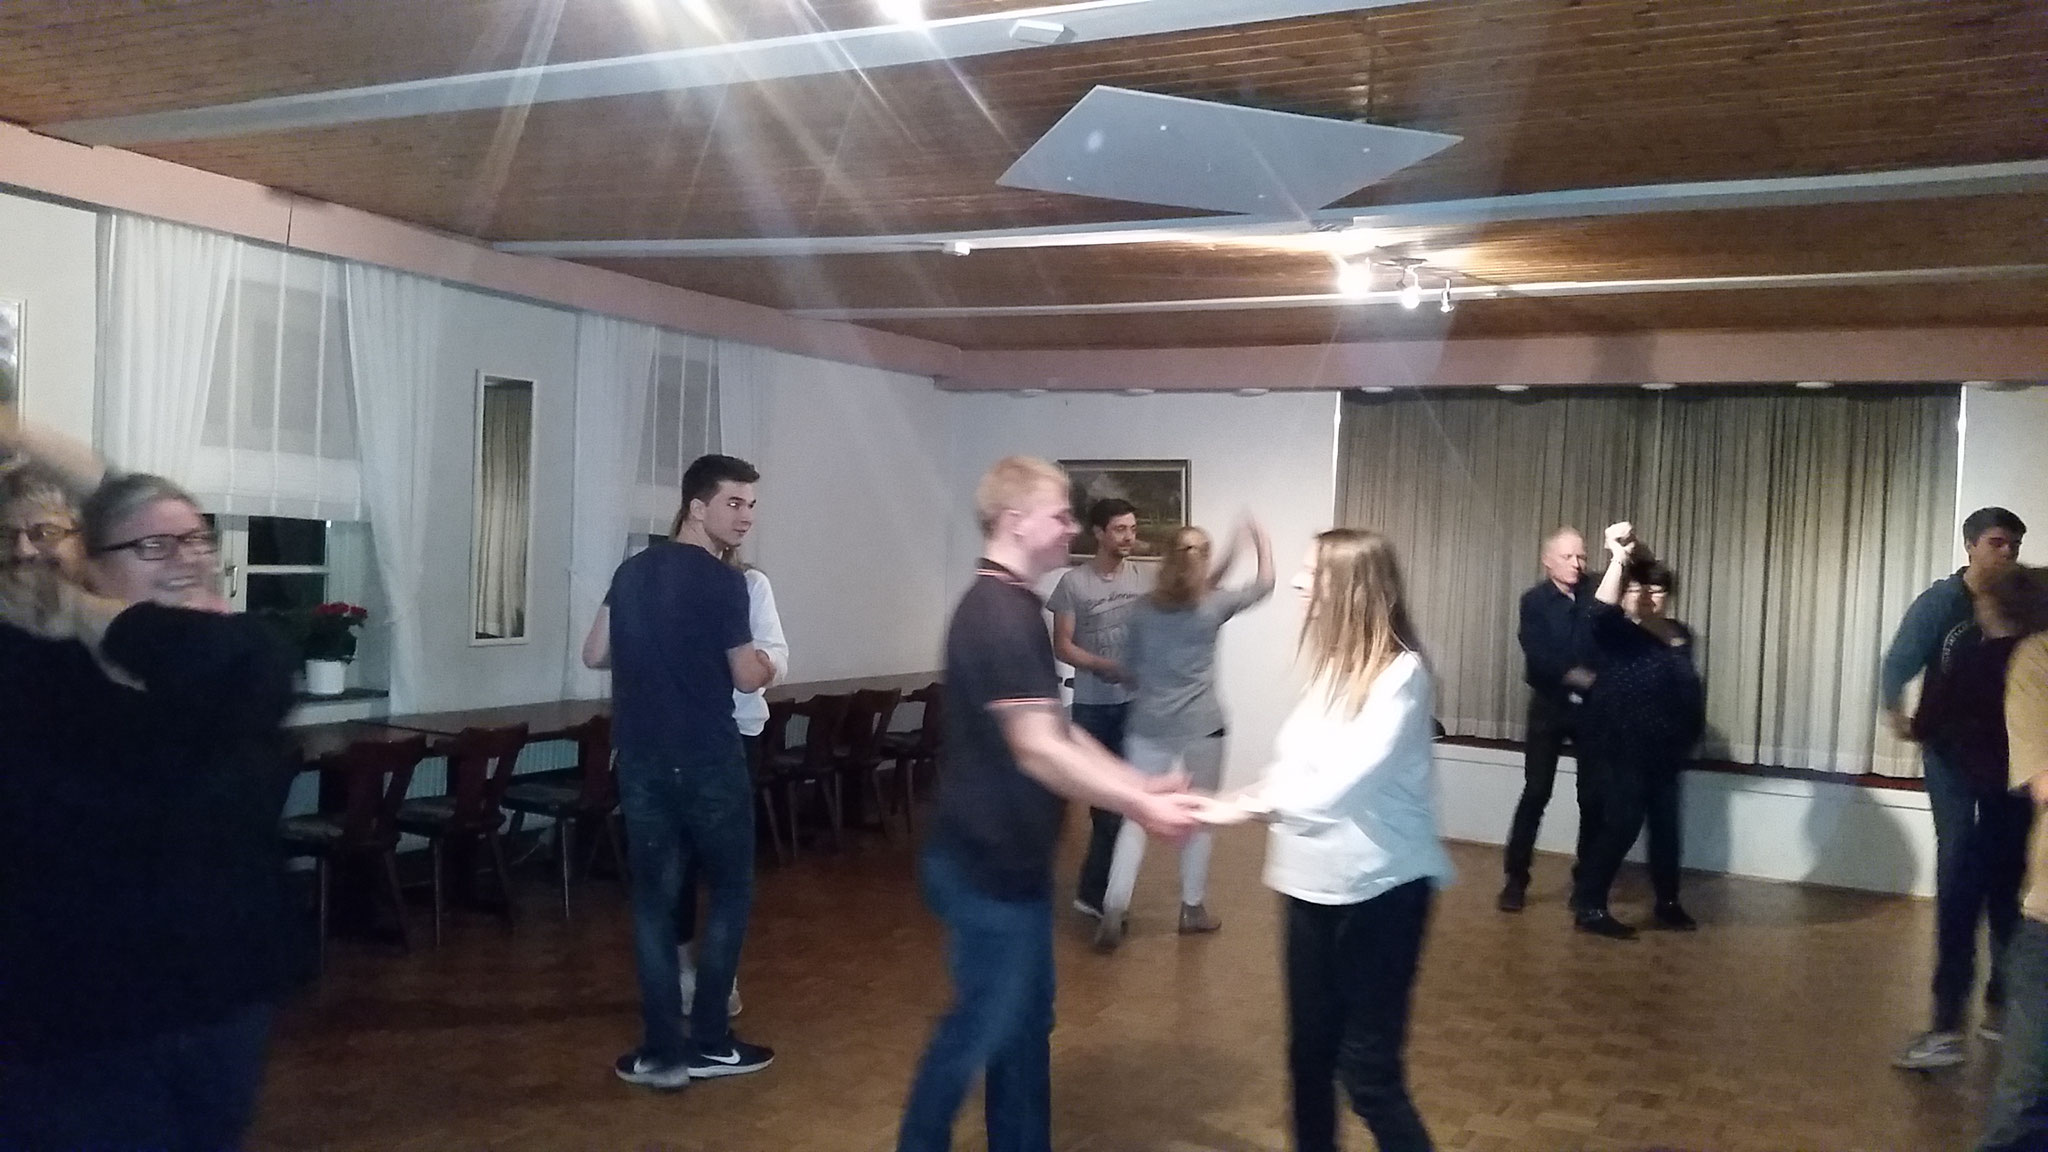 Unsere Tanzkurse in der alten Vereinsstätte Dannewerk bei Schleswig